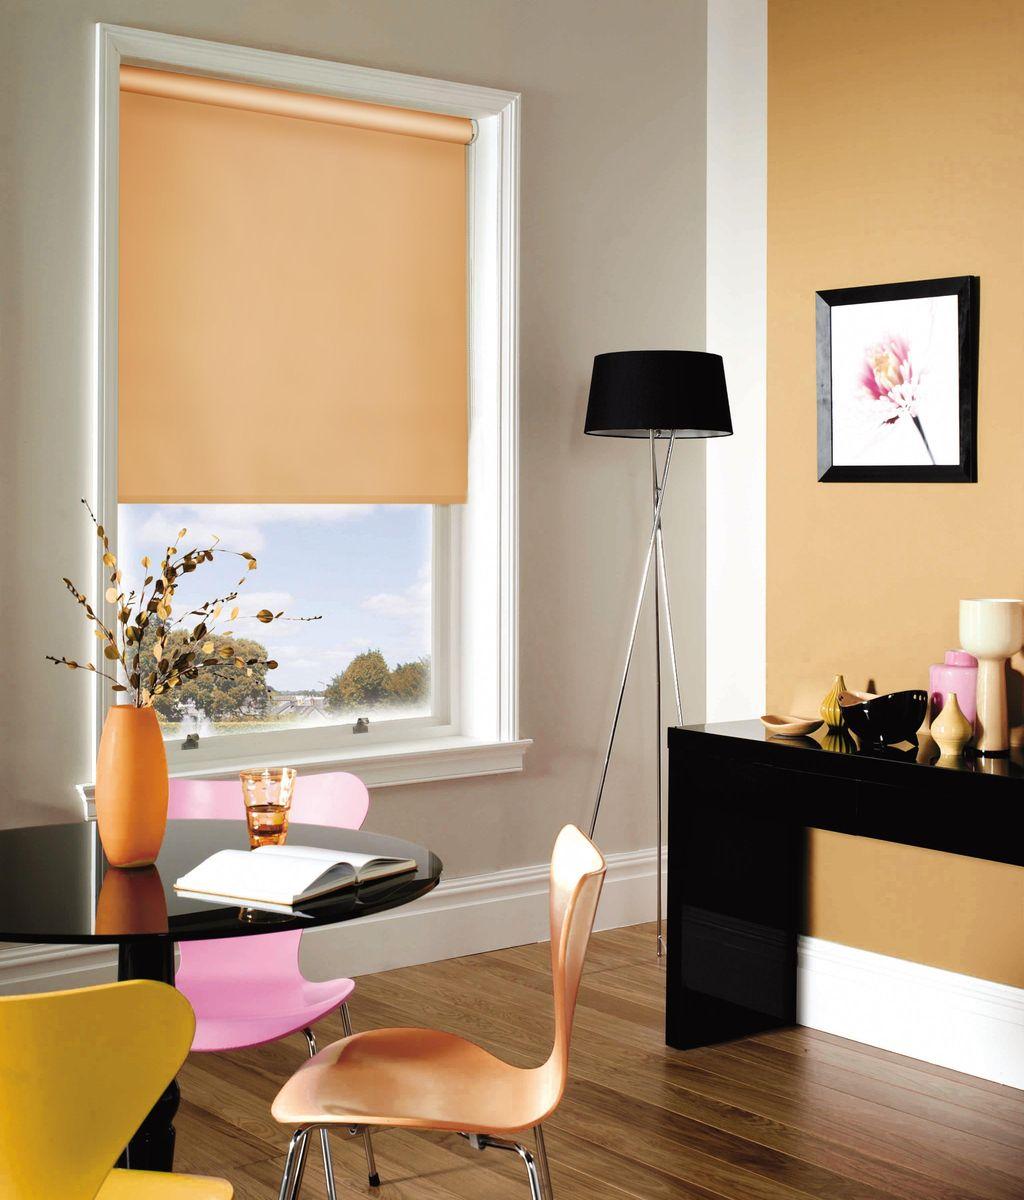 Штора рулонная Эскар, цвет: абрикосовый, ширина 120 см, высота 170 см81012120170Рулонными шторами можно оформлять окна как самостоятельно, так и использовать в комбинации с портьерами. Это поможет предотвратить выгорание дорогой ткани на солнце и соединит функционал рулонных с красотой навесных. Преимущества применения рулонных штор для пластиковых окон: - имеют прекрасный внешний вид: многообразие и фактурность материала изделия отлично смотрятся в любом интерьере; - многофункциональны: есть возможность подобрать шторы способные эффективно защитить комнату от солнца, при этом она не будет слишком темной. - Есть возможность осуществить быстрый монтаж. ВНИМАНИЕ! Размеры ширины изделия указаны по ширине ткани! Во время эксплуатации не рекомендуется полностью разматывать рулон, чтобы не оторвать ткань от намоточного вала. В случае загрязнения поверхности ткани, чистку шторы проводят одним из способов, в зависимости от типа загрязнения: легкое поверхностное загрязнение можно удалить при помощи канцелярского ластика; чистка от пыли производится сухим методом при...